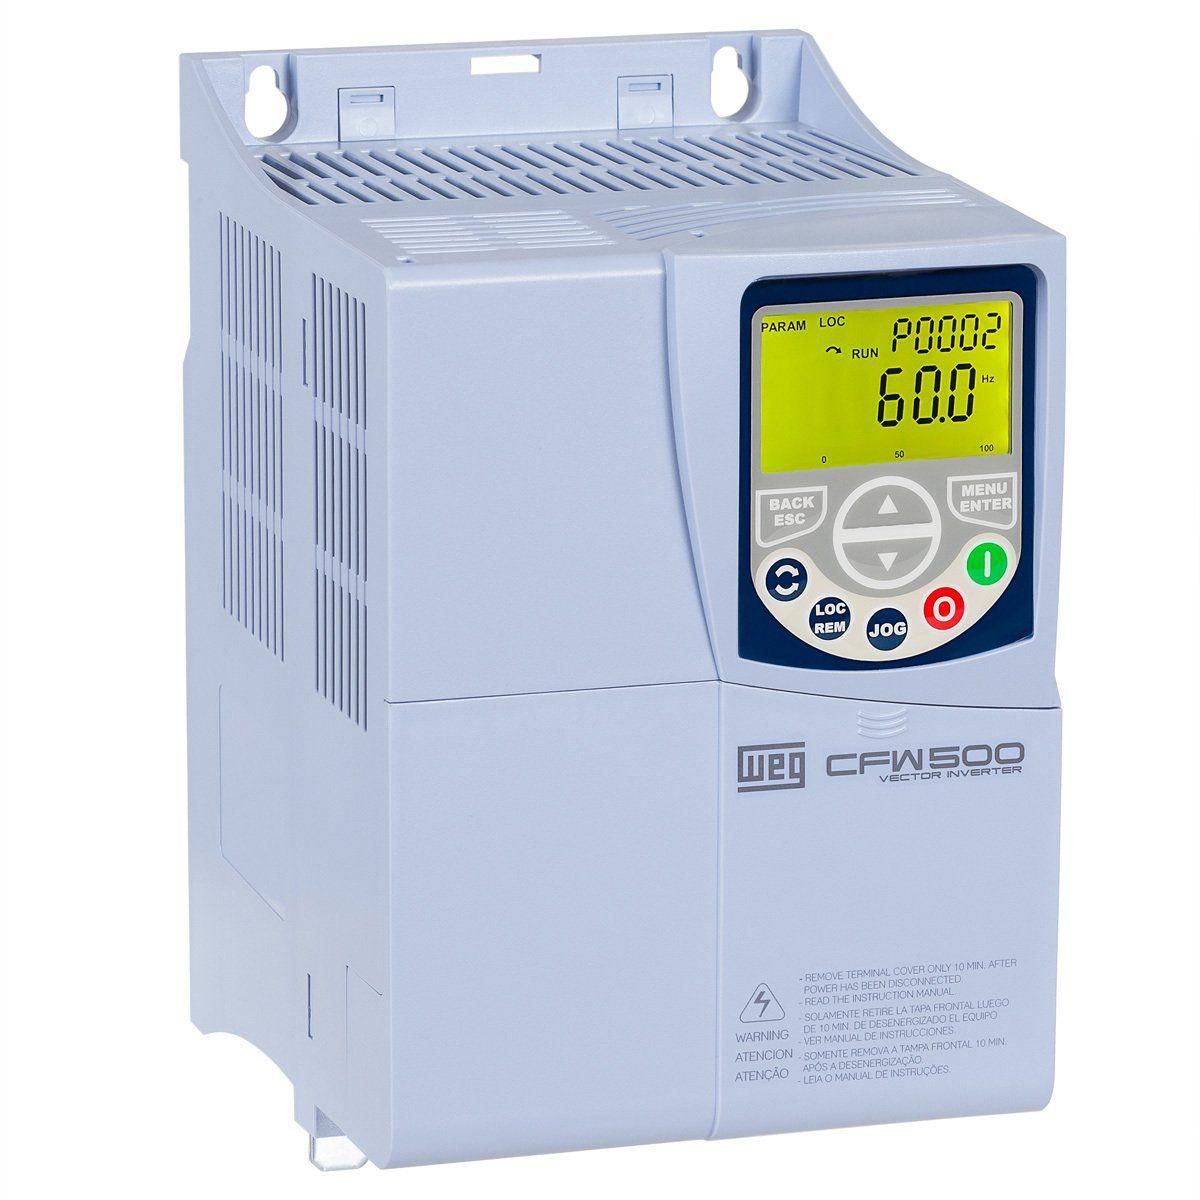 Inversor De Frequência WEG CFW500 C16P0T4Db20 (entrega em 5 dias)